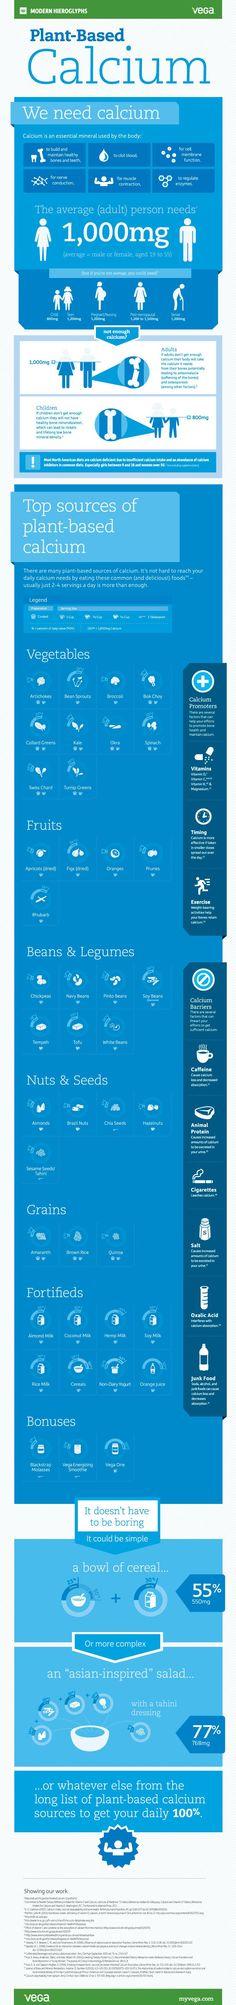 fit, nutrit, healthi, plants, vegan foods, eat, calcium infograph, base sourc, plant based diet